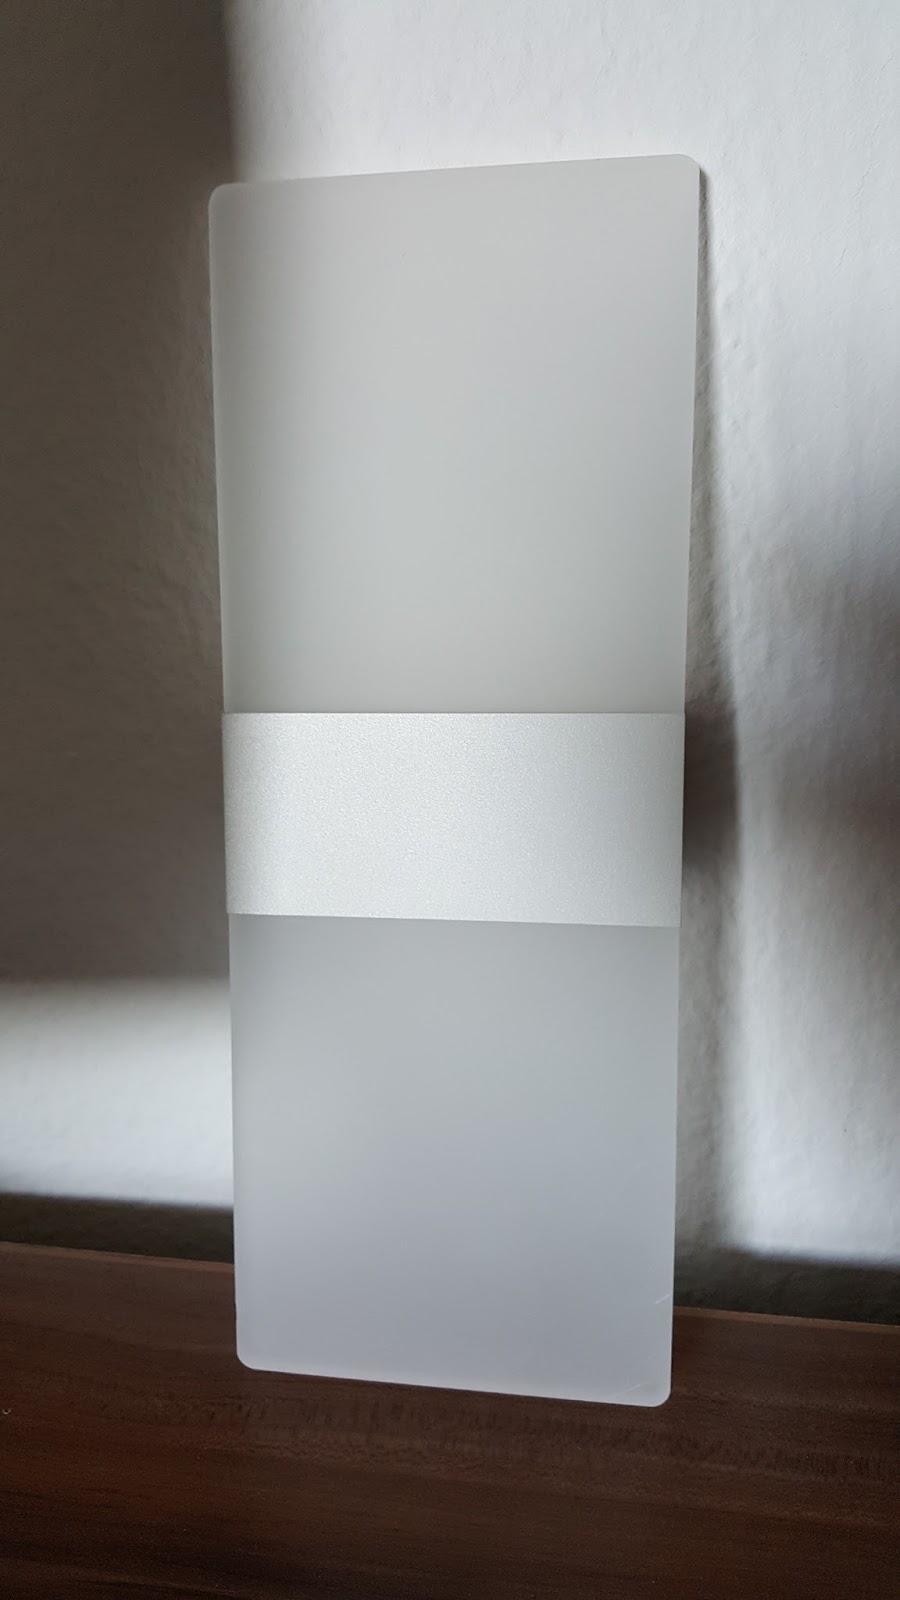 Full Size of Schlafzimmer Wandlampen Monas Blog Acryl 6w Led Wandleuchte Wandlampe Fr Wohnzimmer Teppich Rauch Komplett Guenstig Tapeten Vorhänge Kommoden Wiemann Set Wohnzimmer Schlafzimmer Wandlampen